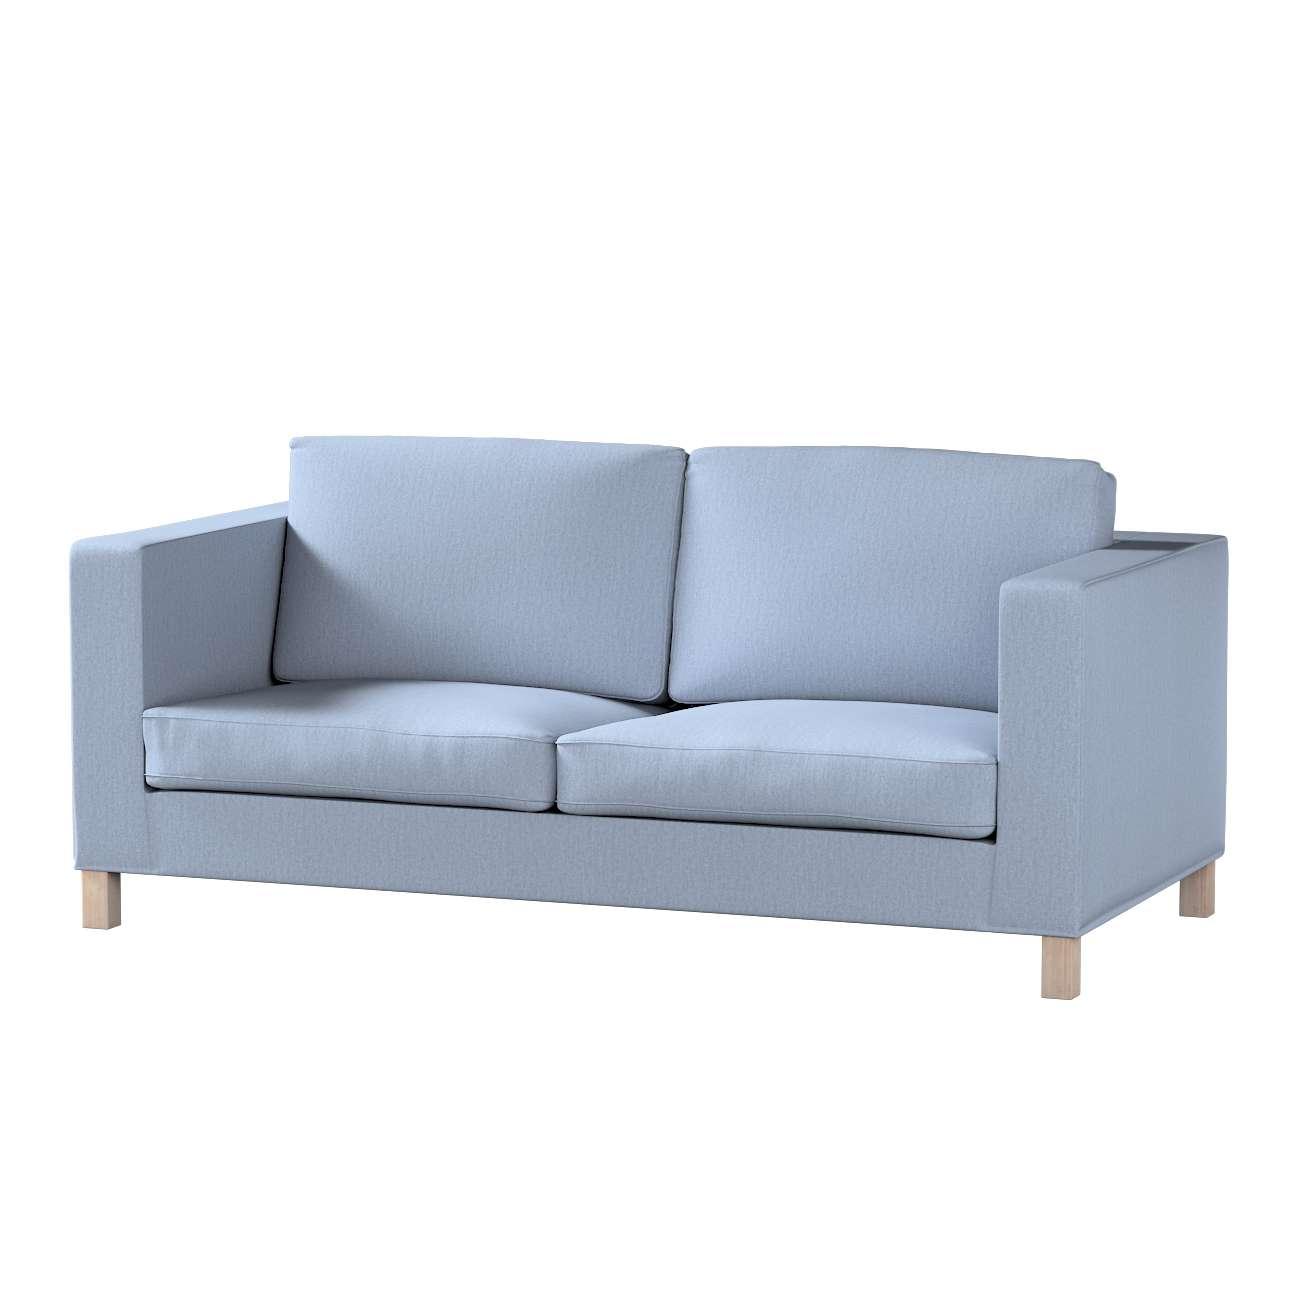 KARLANDA sofos lovos užvalkalas KARLANDA sofos lovos užvalkalas kolekcijoje Chenille, audinys: 702-13